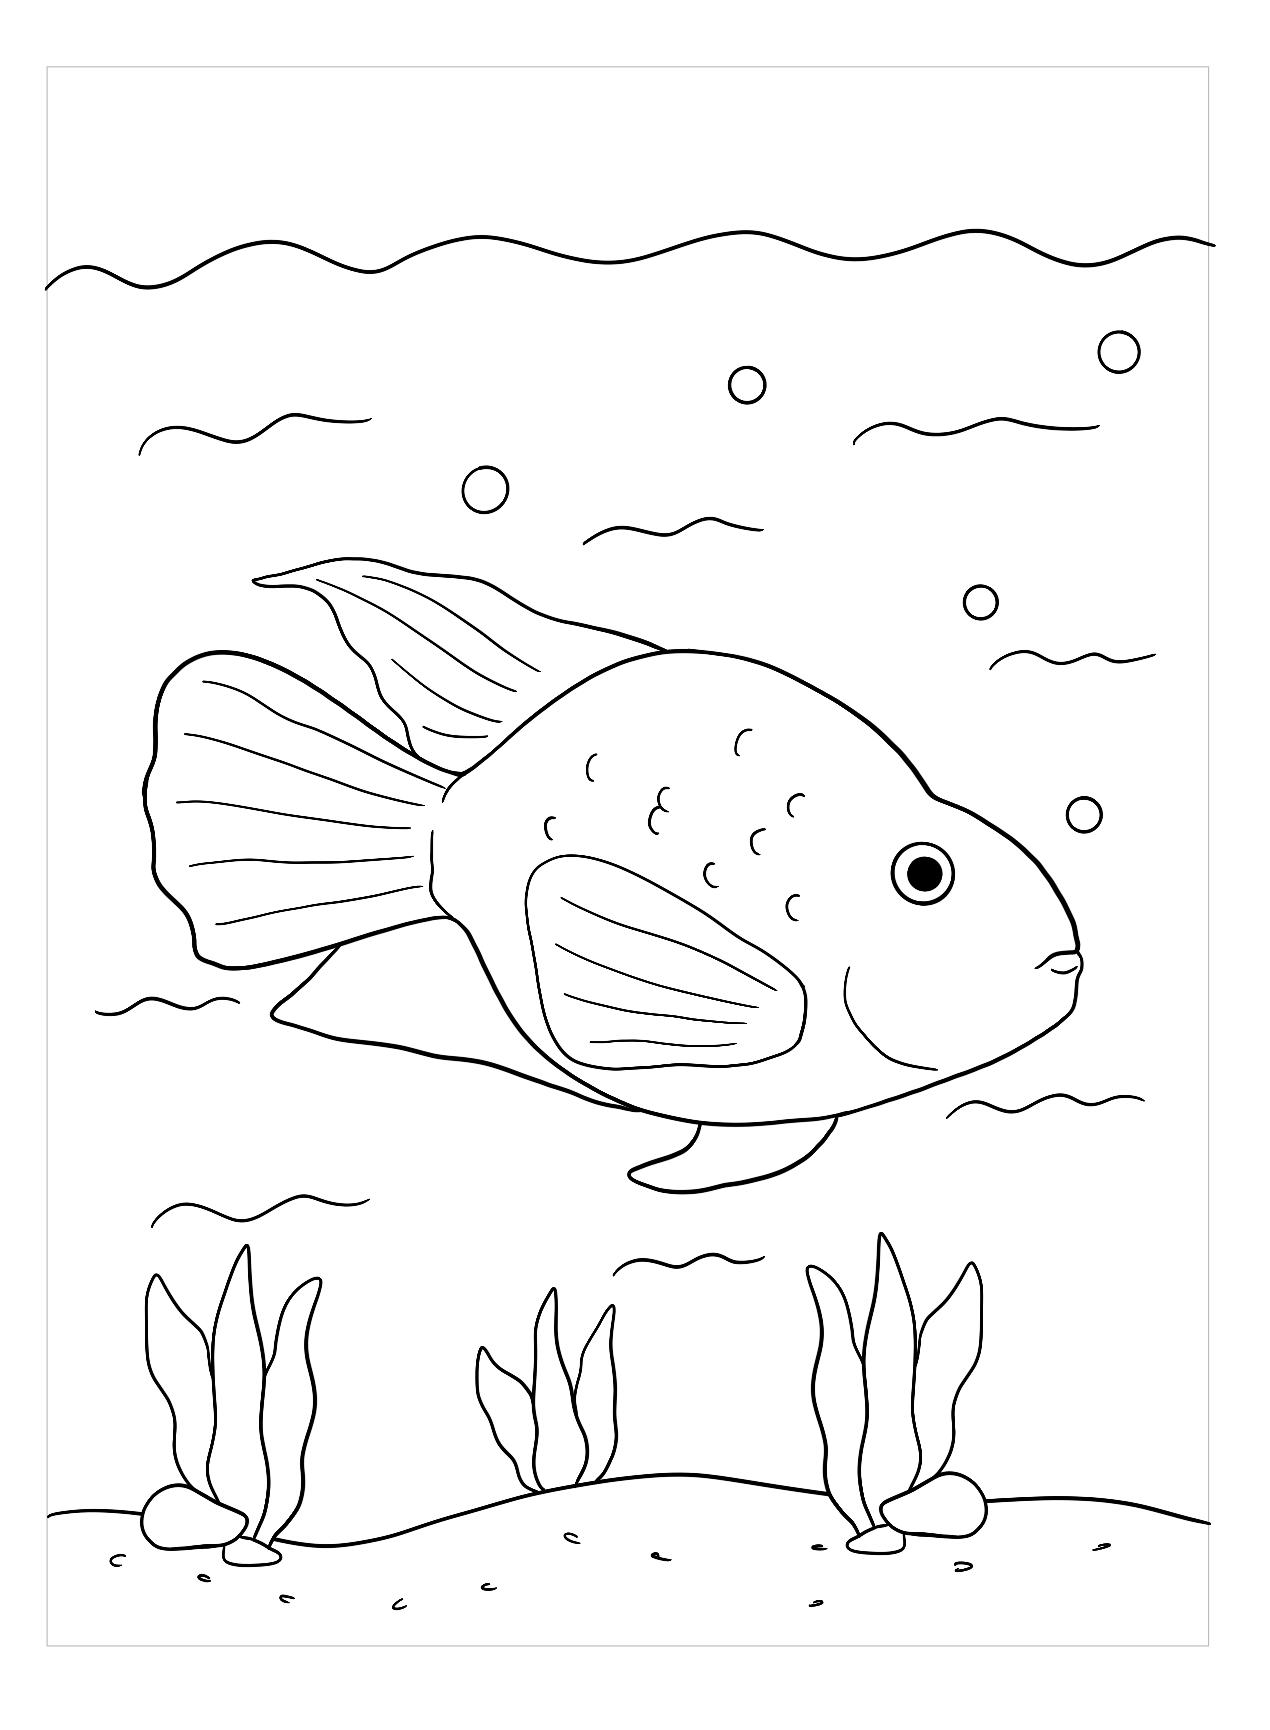 Tranh tô màu chú cá vàng dễ thương